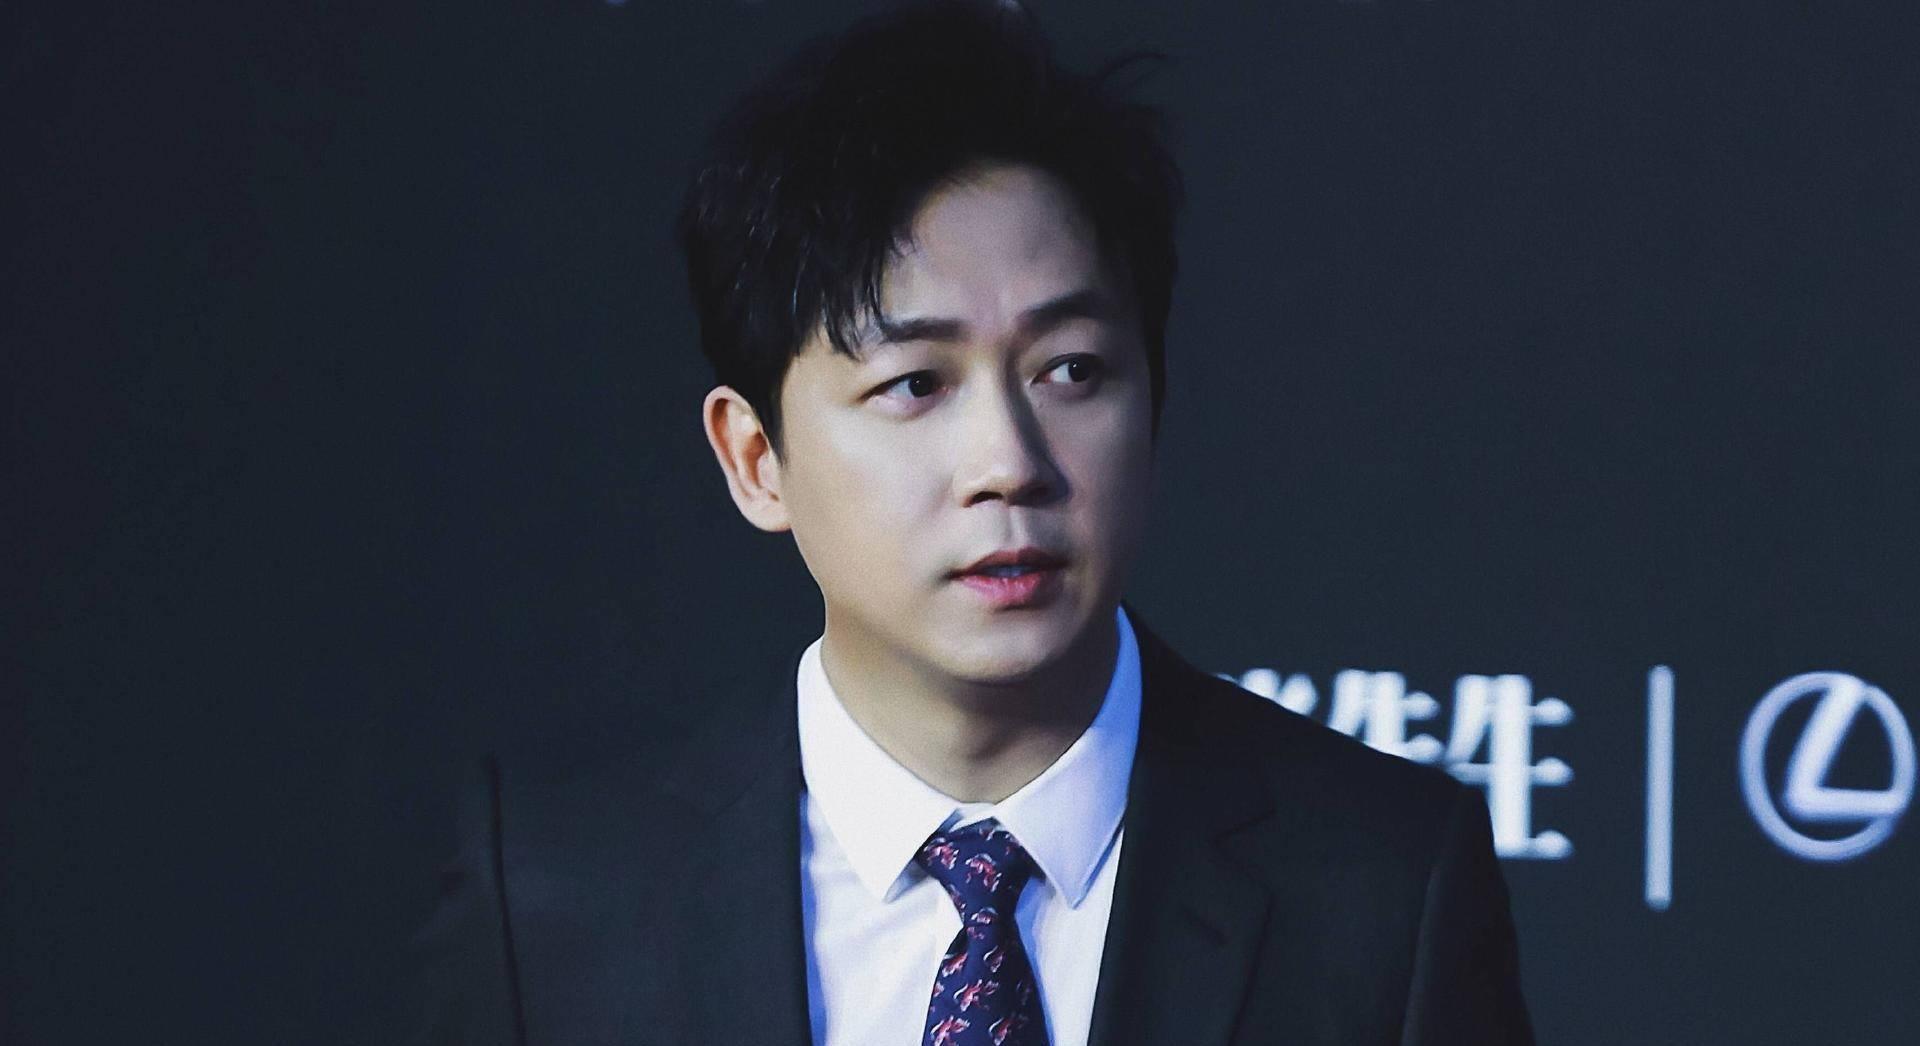 八卦爆料:肖戰、蕭亞軒、秦牛正威、潘粵明、魏大勛、羅雲熙-圖4